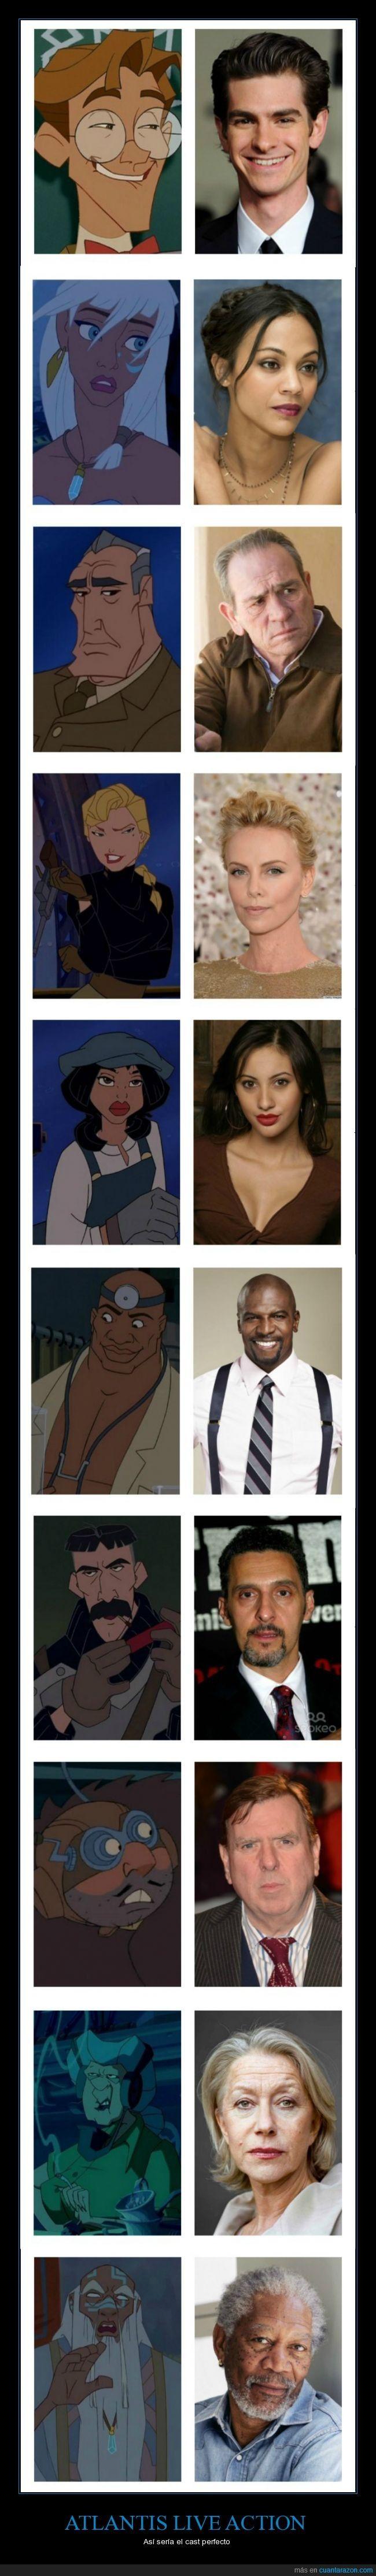 Os Acordais De Atlantis Asi Seria El Cast Perfecto Fun Bilder Disney Zeichnungen Zeichentrick